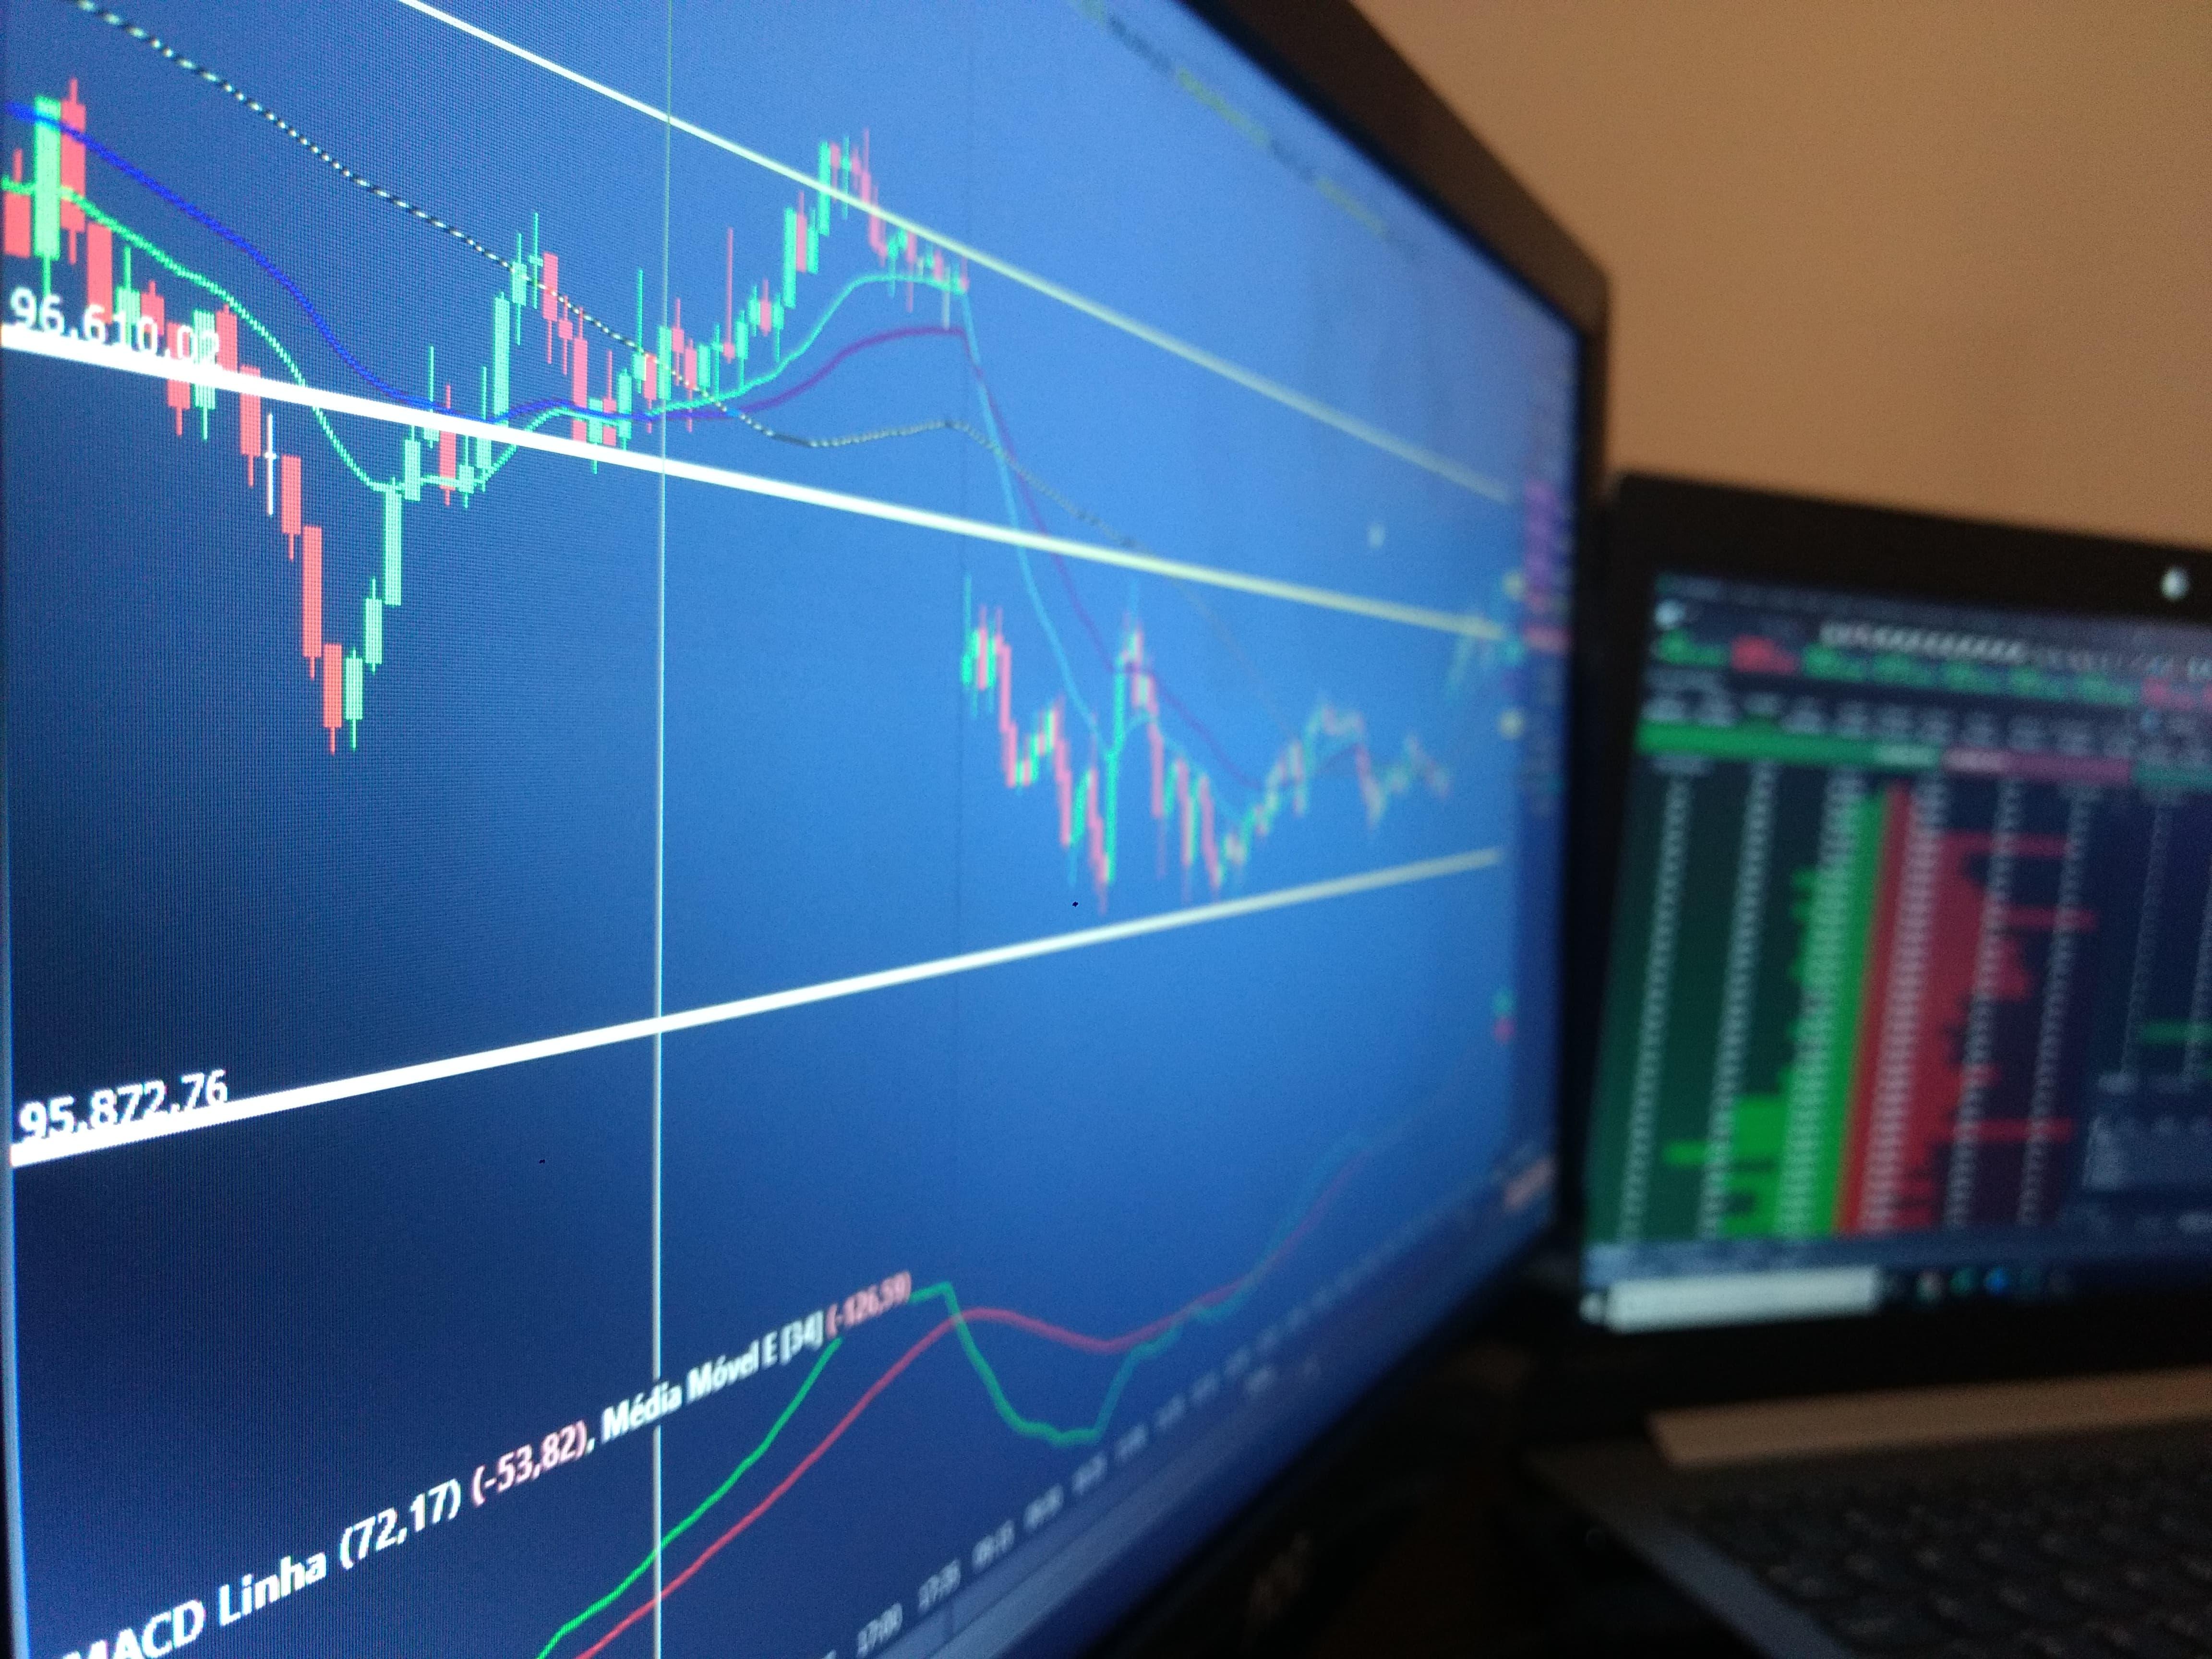 Saiba agora: como descobrir se um fundo de investimento é seguro?